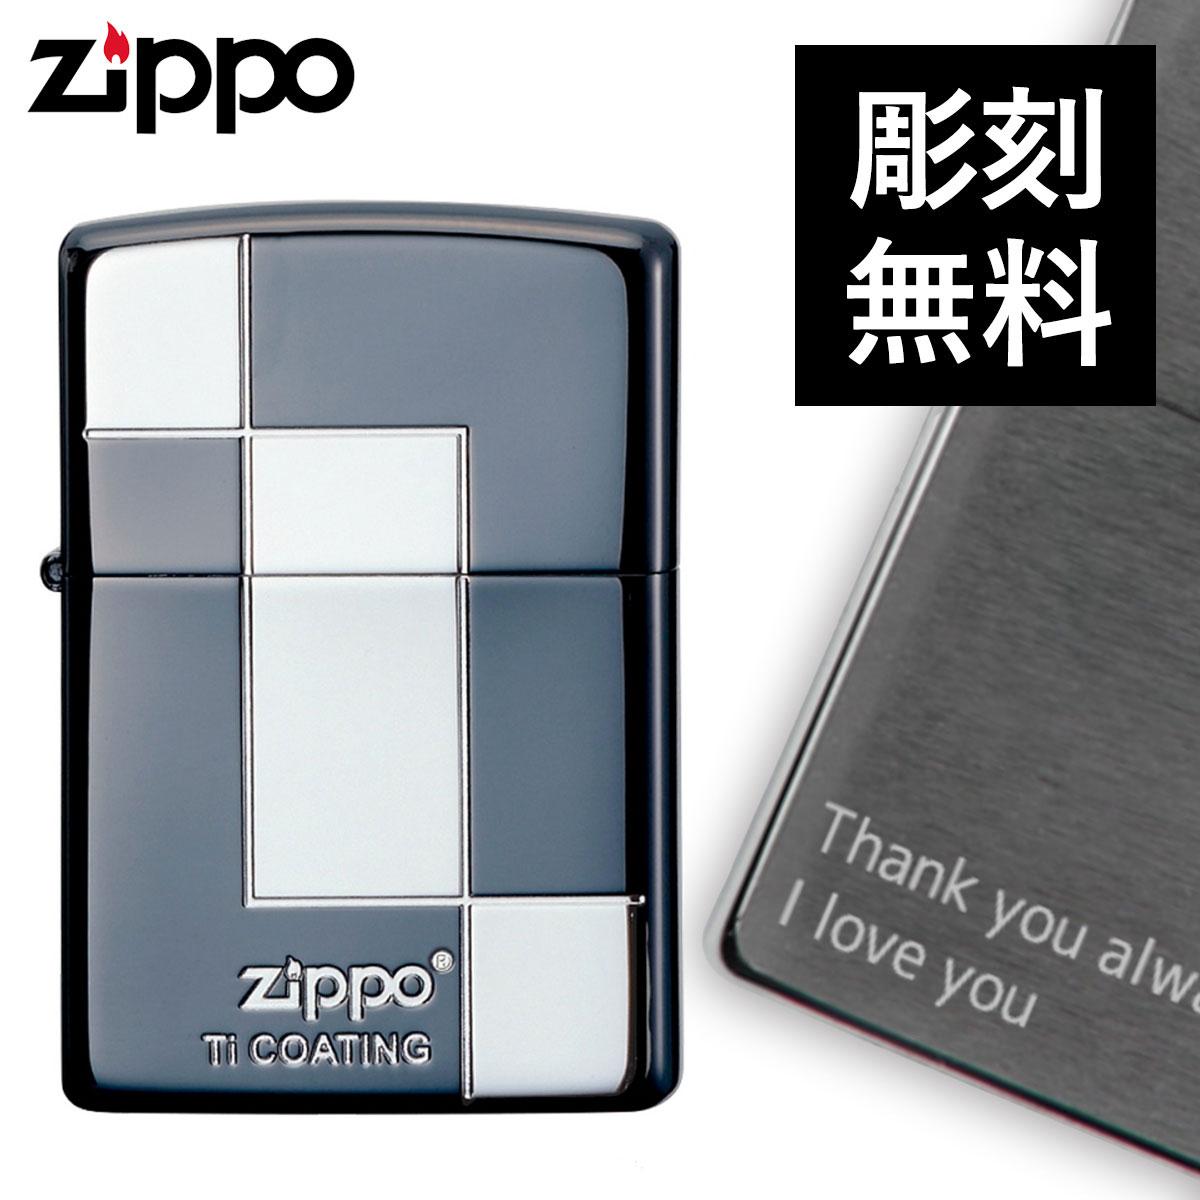 zippo 名入れ ジッポー ライター チタン キズがつきにくい TNK 11 名入れ ギフト オイルライター ジッポライター ギフト プレゼント 彼氏 男性 メンズ